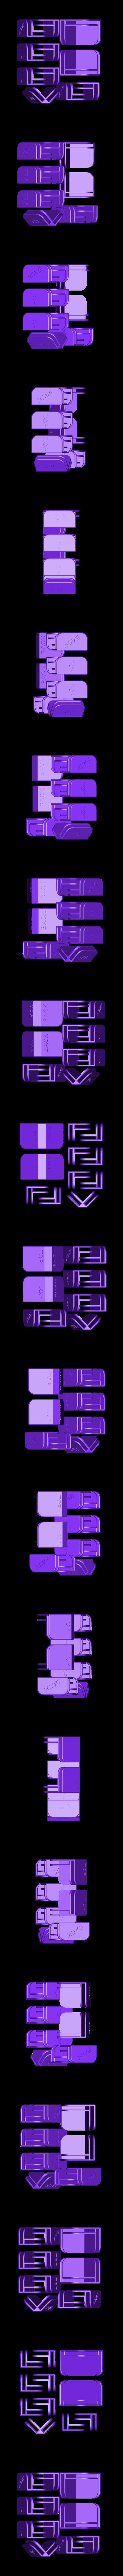 CPHousing_all.stl Télécharger fichier STL gratuit Boîtier en plastique ondulé pour imprimantes 3D (pièces jointes) • Modèle pour imprimante 3D, CyberCyclist